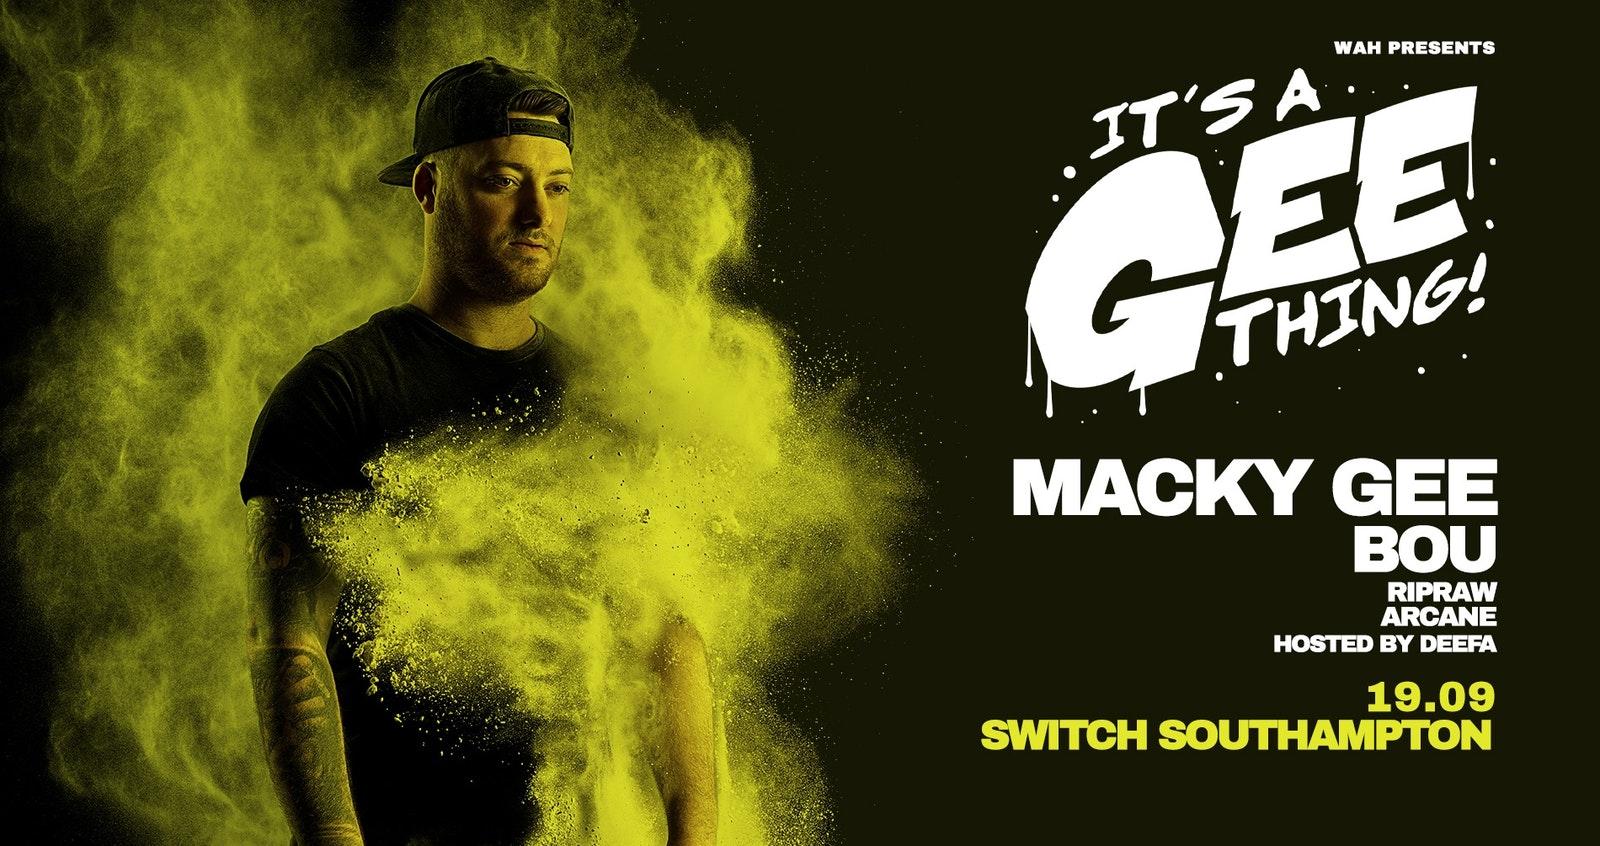 WAH Presents: Macky Gee & Bou